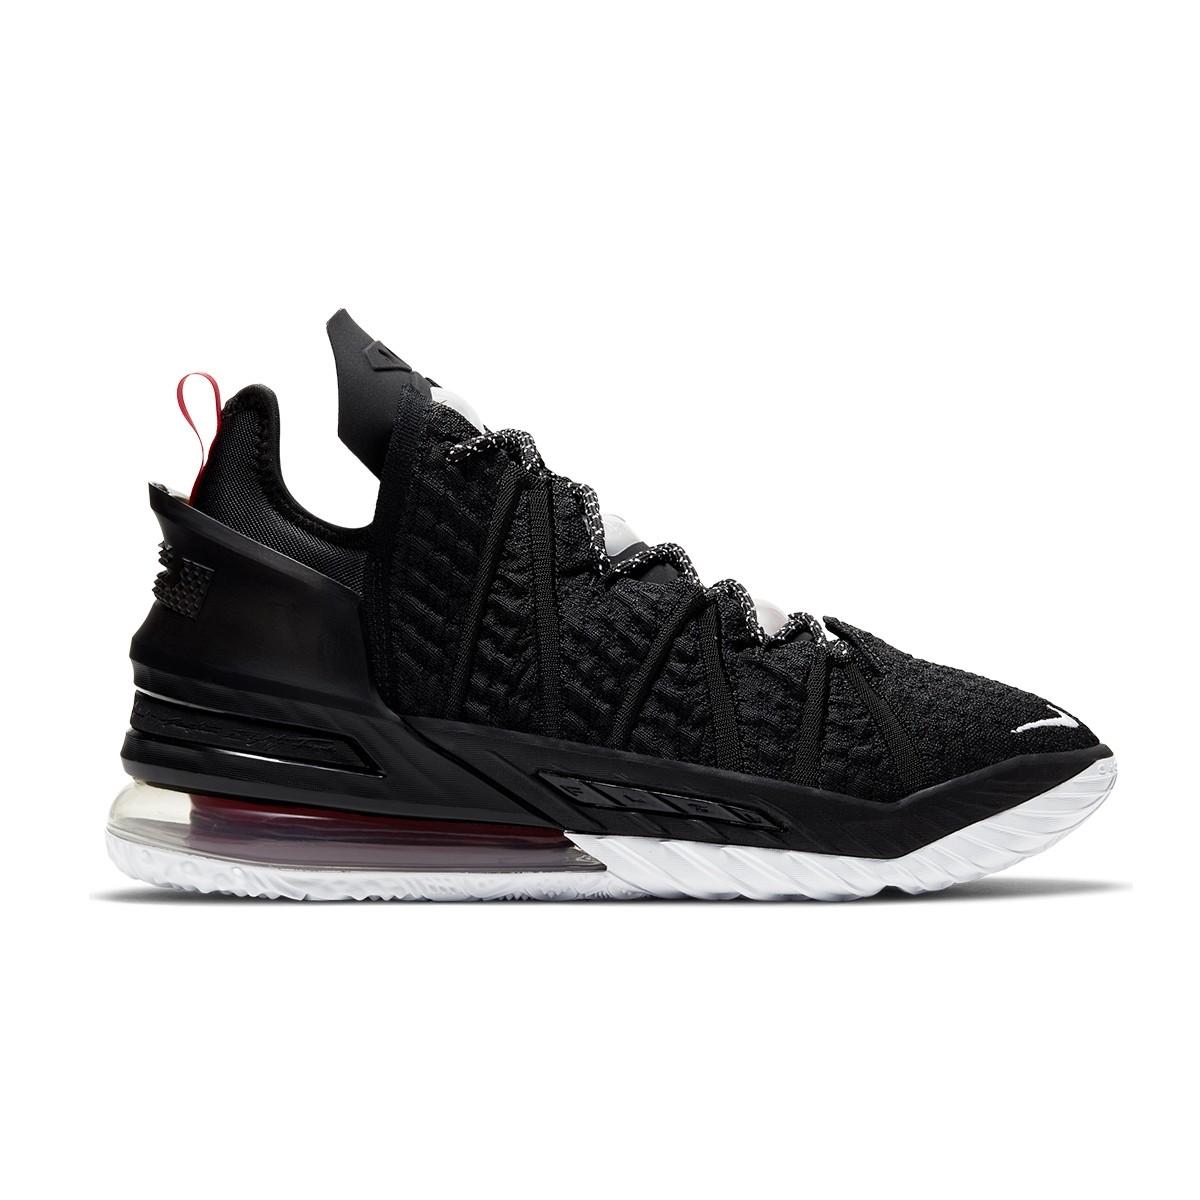 Nike LeBron 18 'Bred'